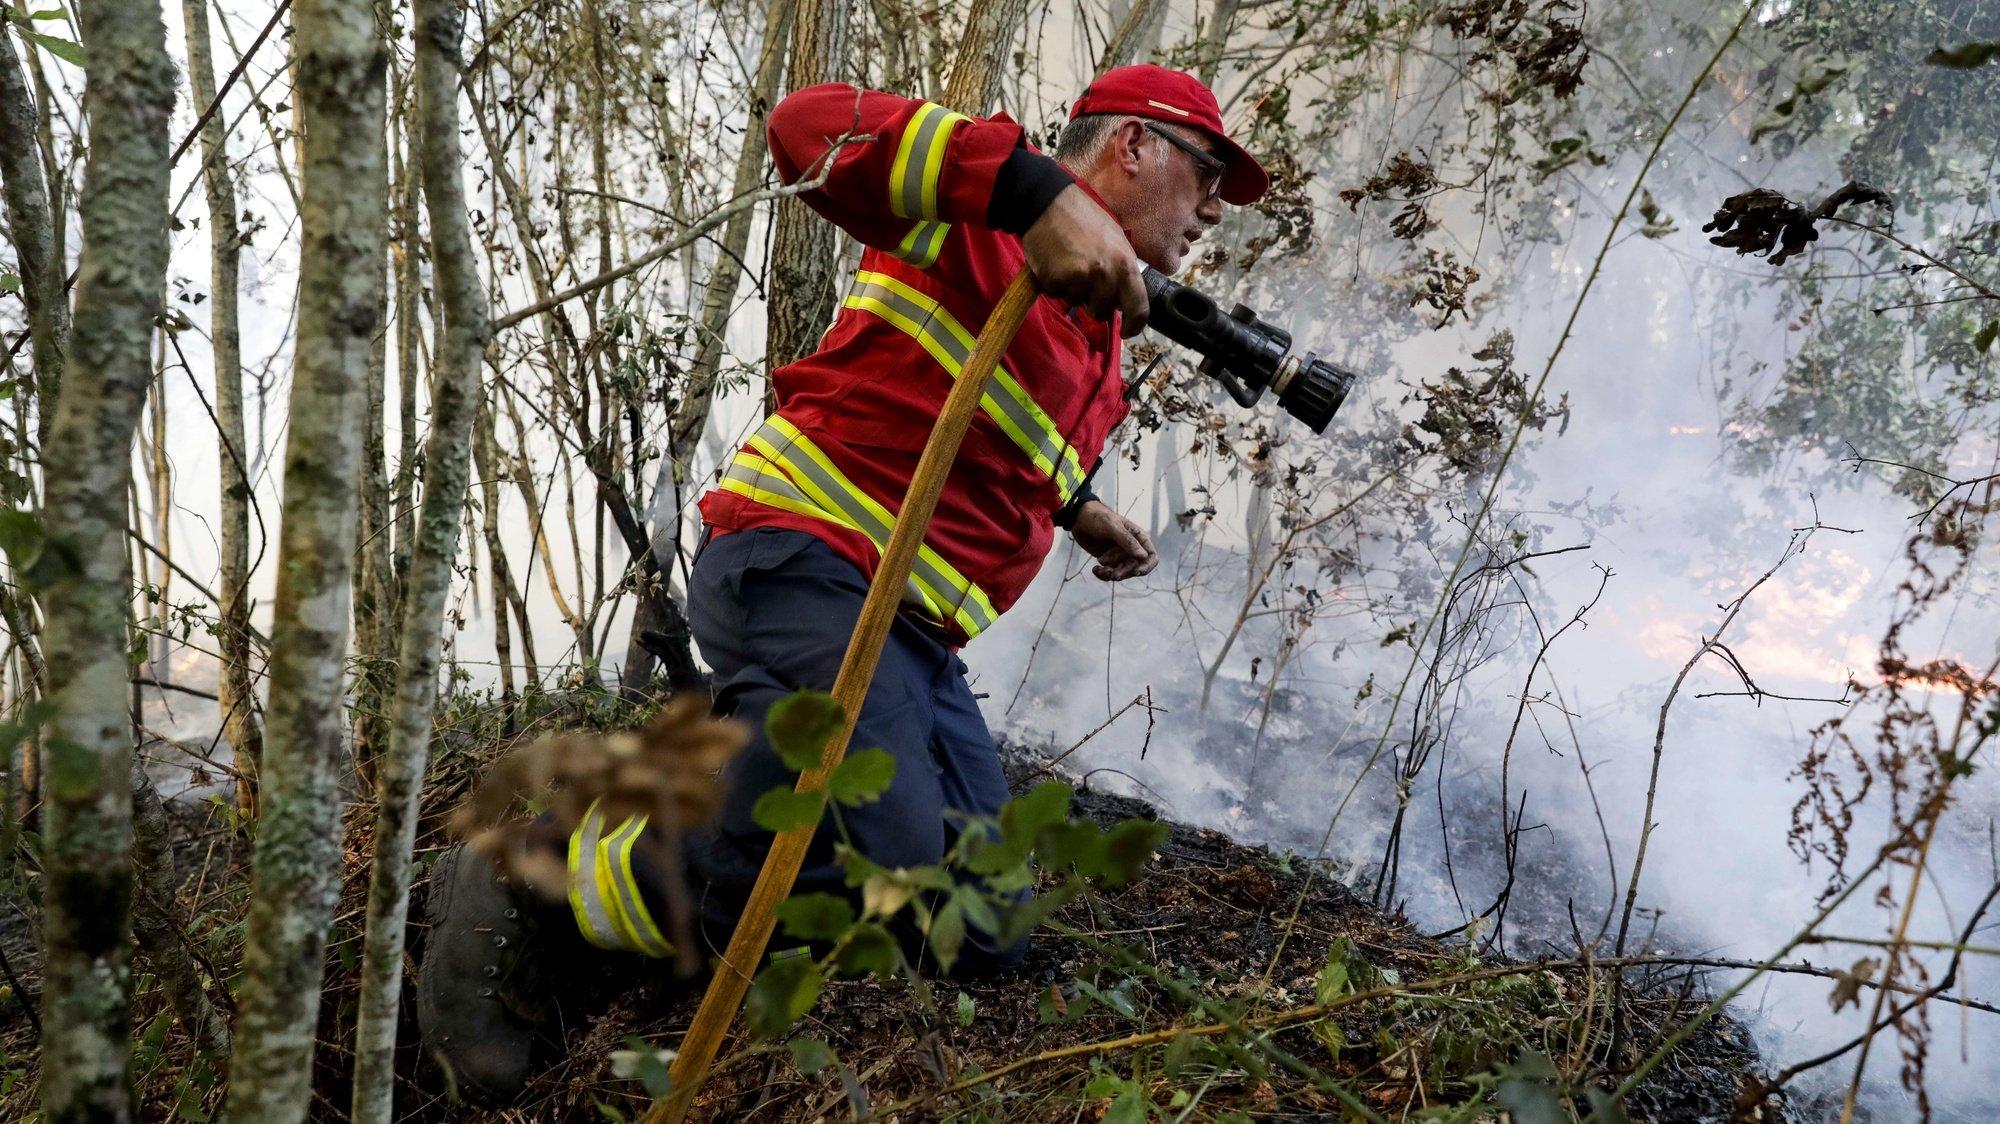 Um bombeiro durante o combate ao incêndio florestal que lavra desde segunda-feira nos concelhos de Oliveira de Frades e Sever do Vouga, em Pisão, 08 de setembro de 2020. A Estrada Nacional (EN) 328 encontra-se hoje cortada entre as freguesias de Pessegueiro do Vouga e Talhadas, na saída para a Autoestrada 25 (A25), no concelho de Sever do Vouga, devido ao incêndio de Oliveira de Frades. PAULO NOVAIS/LUSA